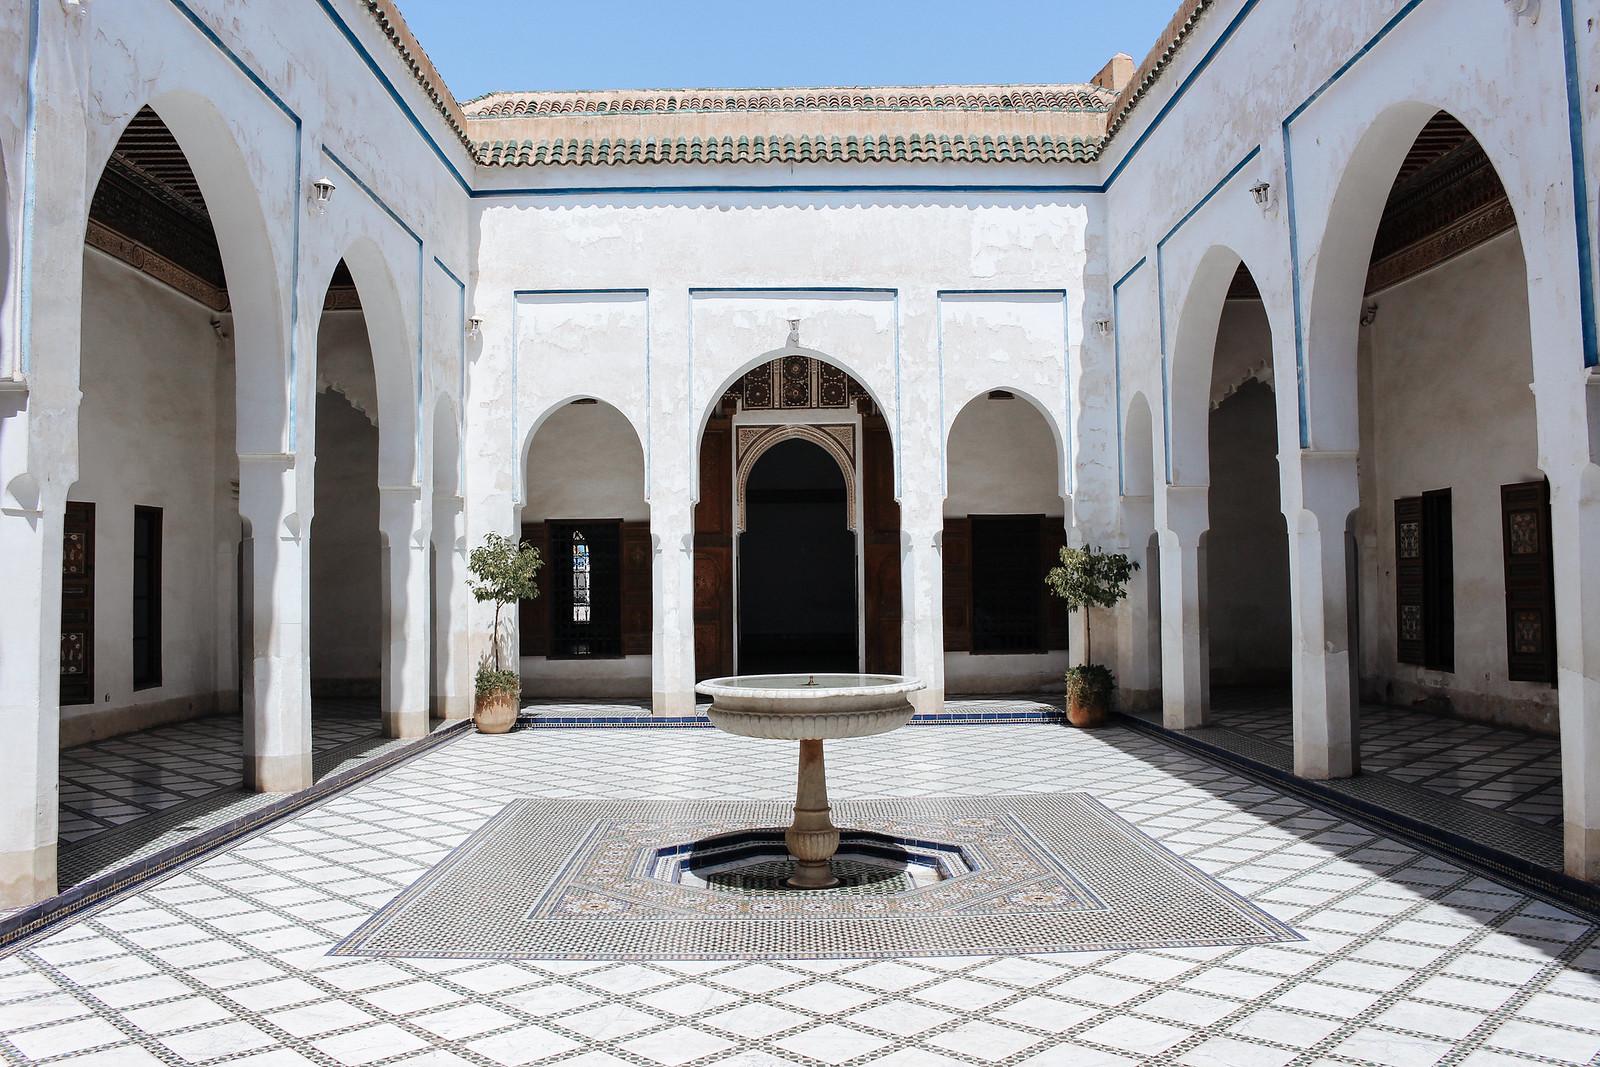 Marrakech - kisses,vera-46